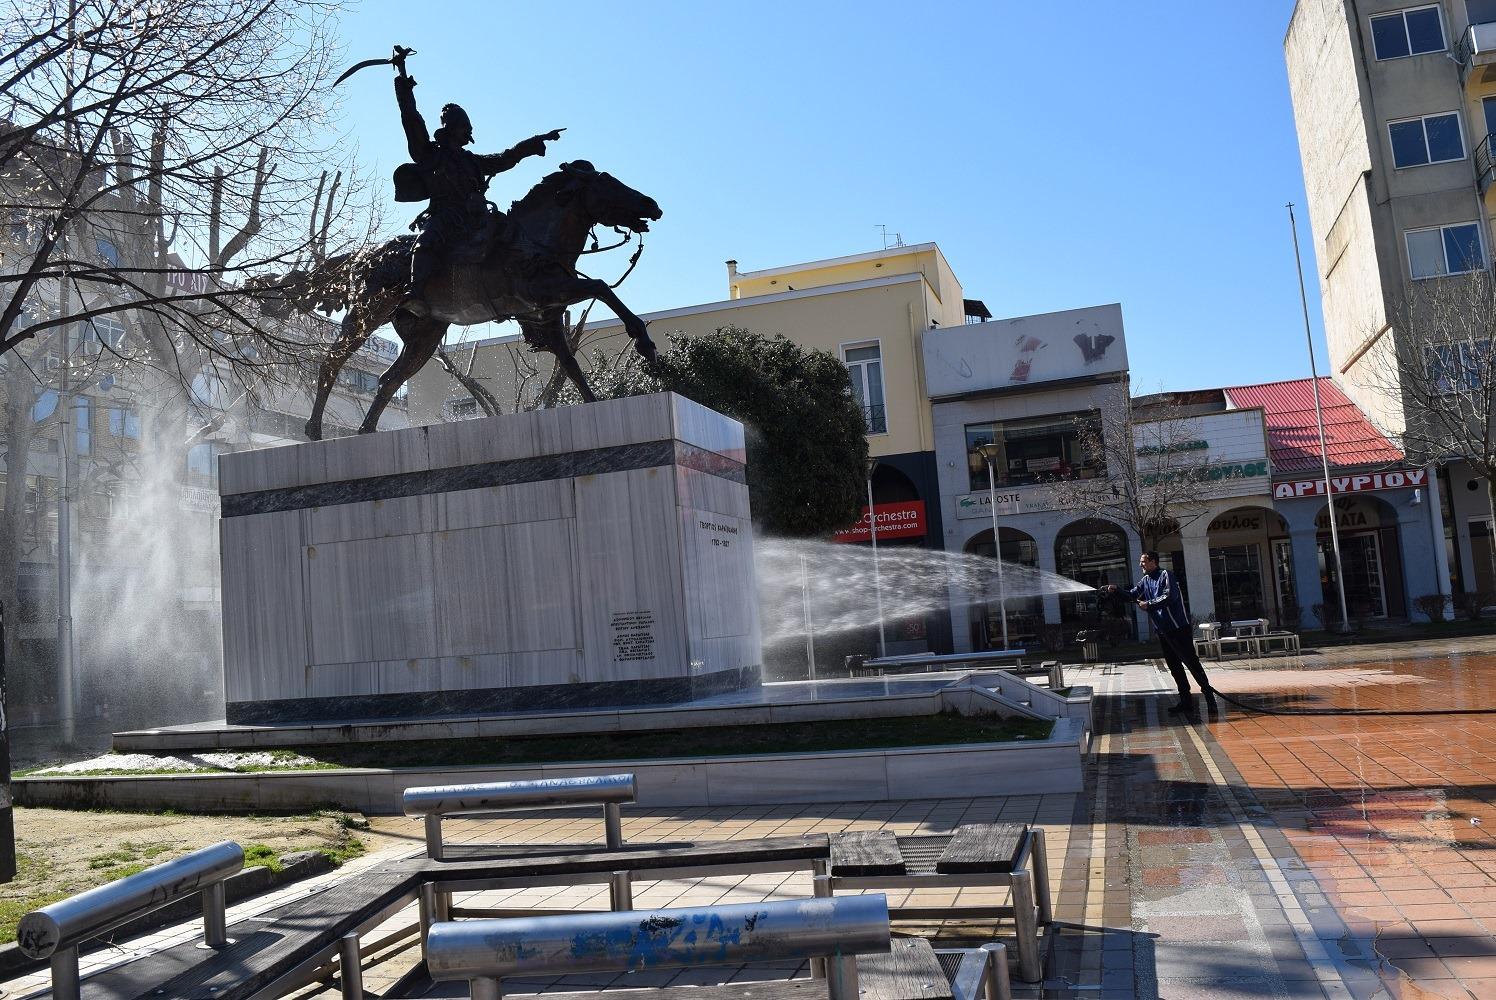 Σε απολυμάνσεις προχώρησε ο Δήμος Καρδίτσας